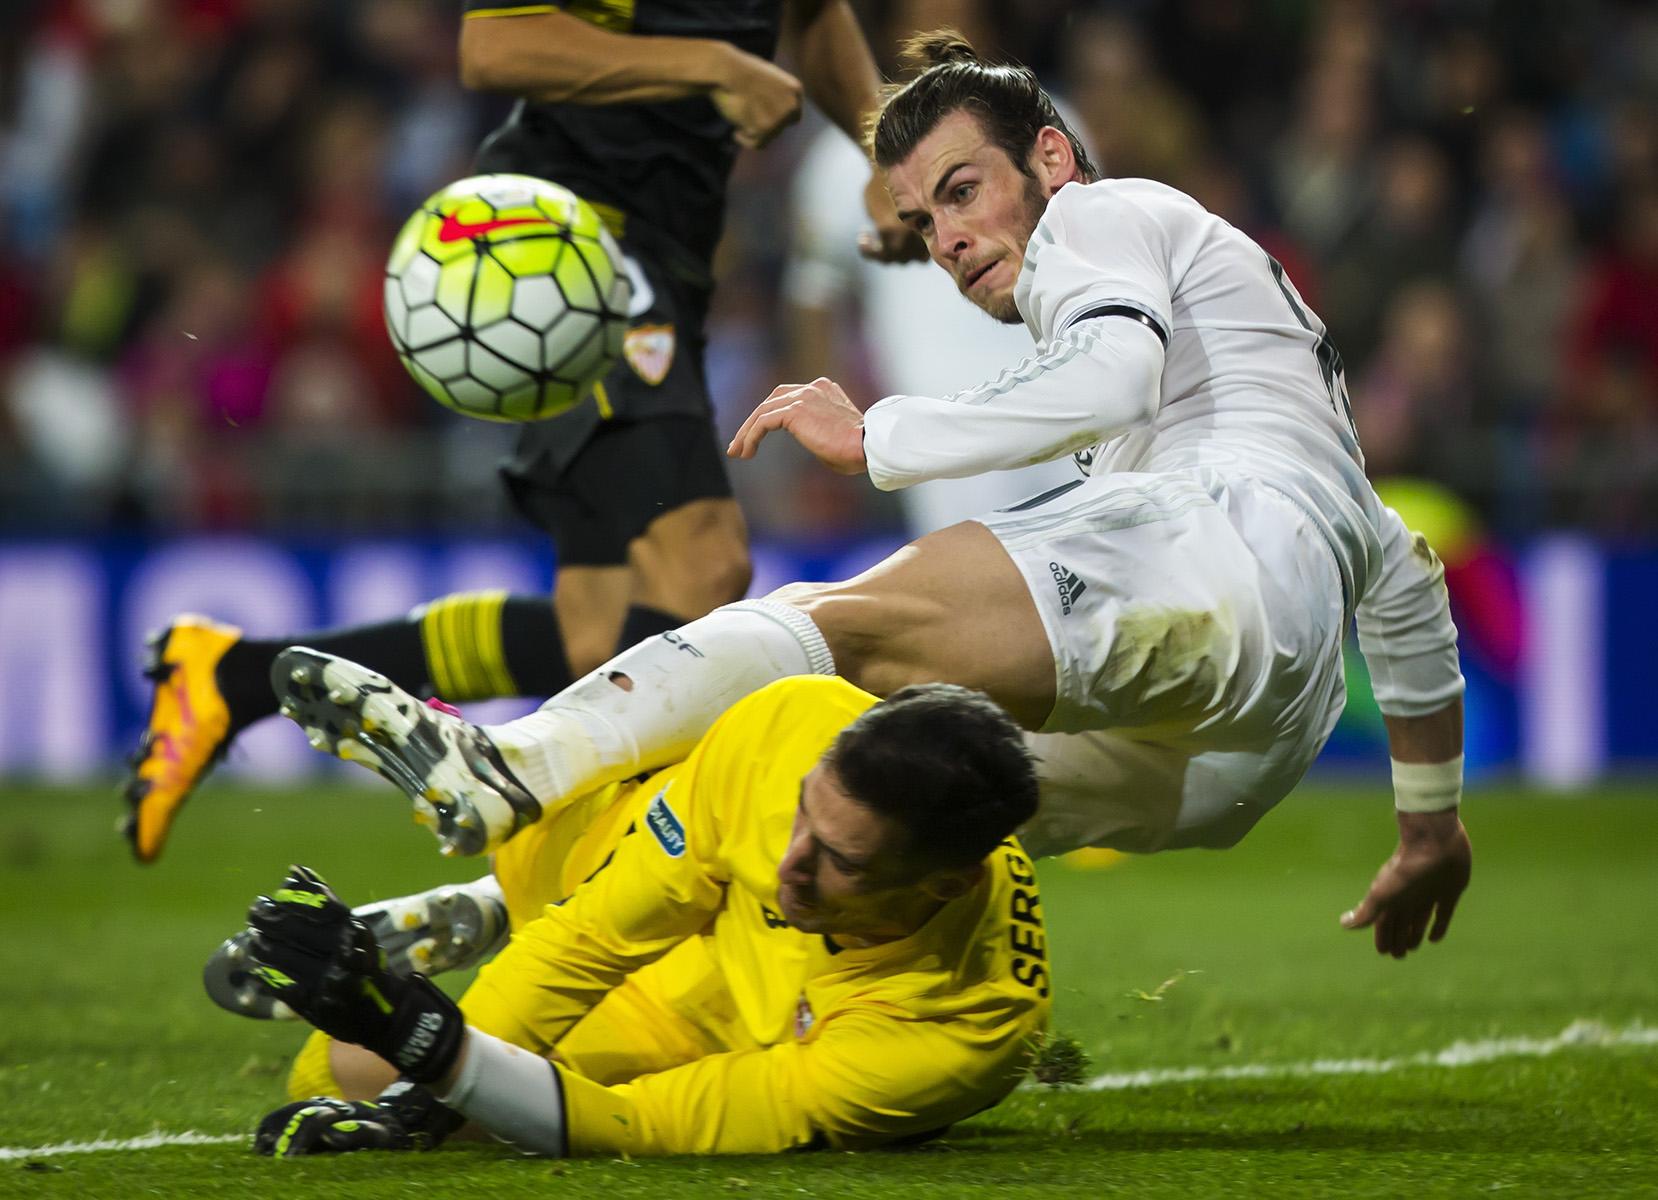 DEP021-Gareth-Bale